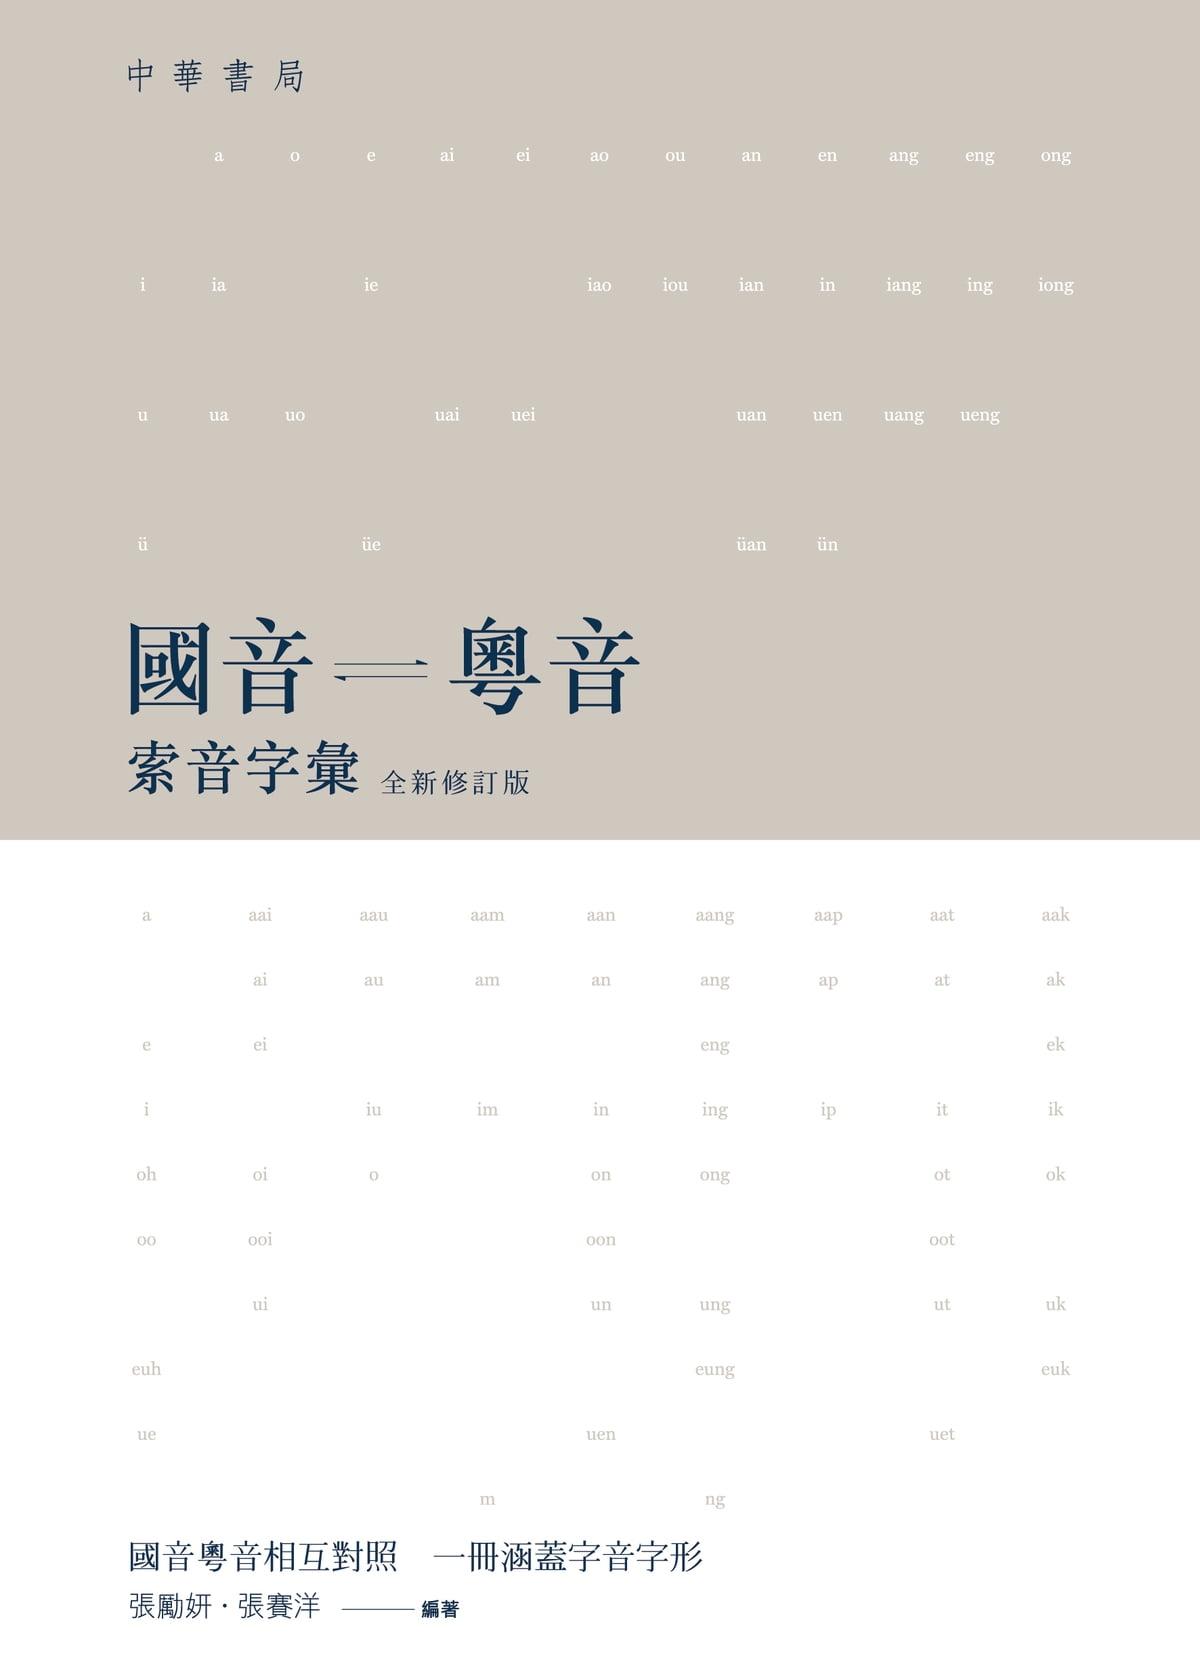 國音粵音索音字彙 電子書,分類依據 張勵妍 - 7358888340606 | Rakuten Kobo 臺灣